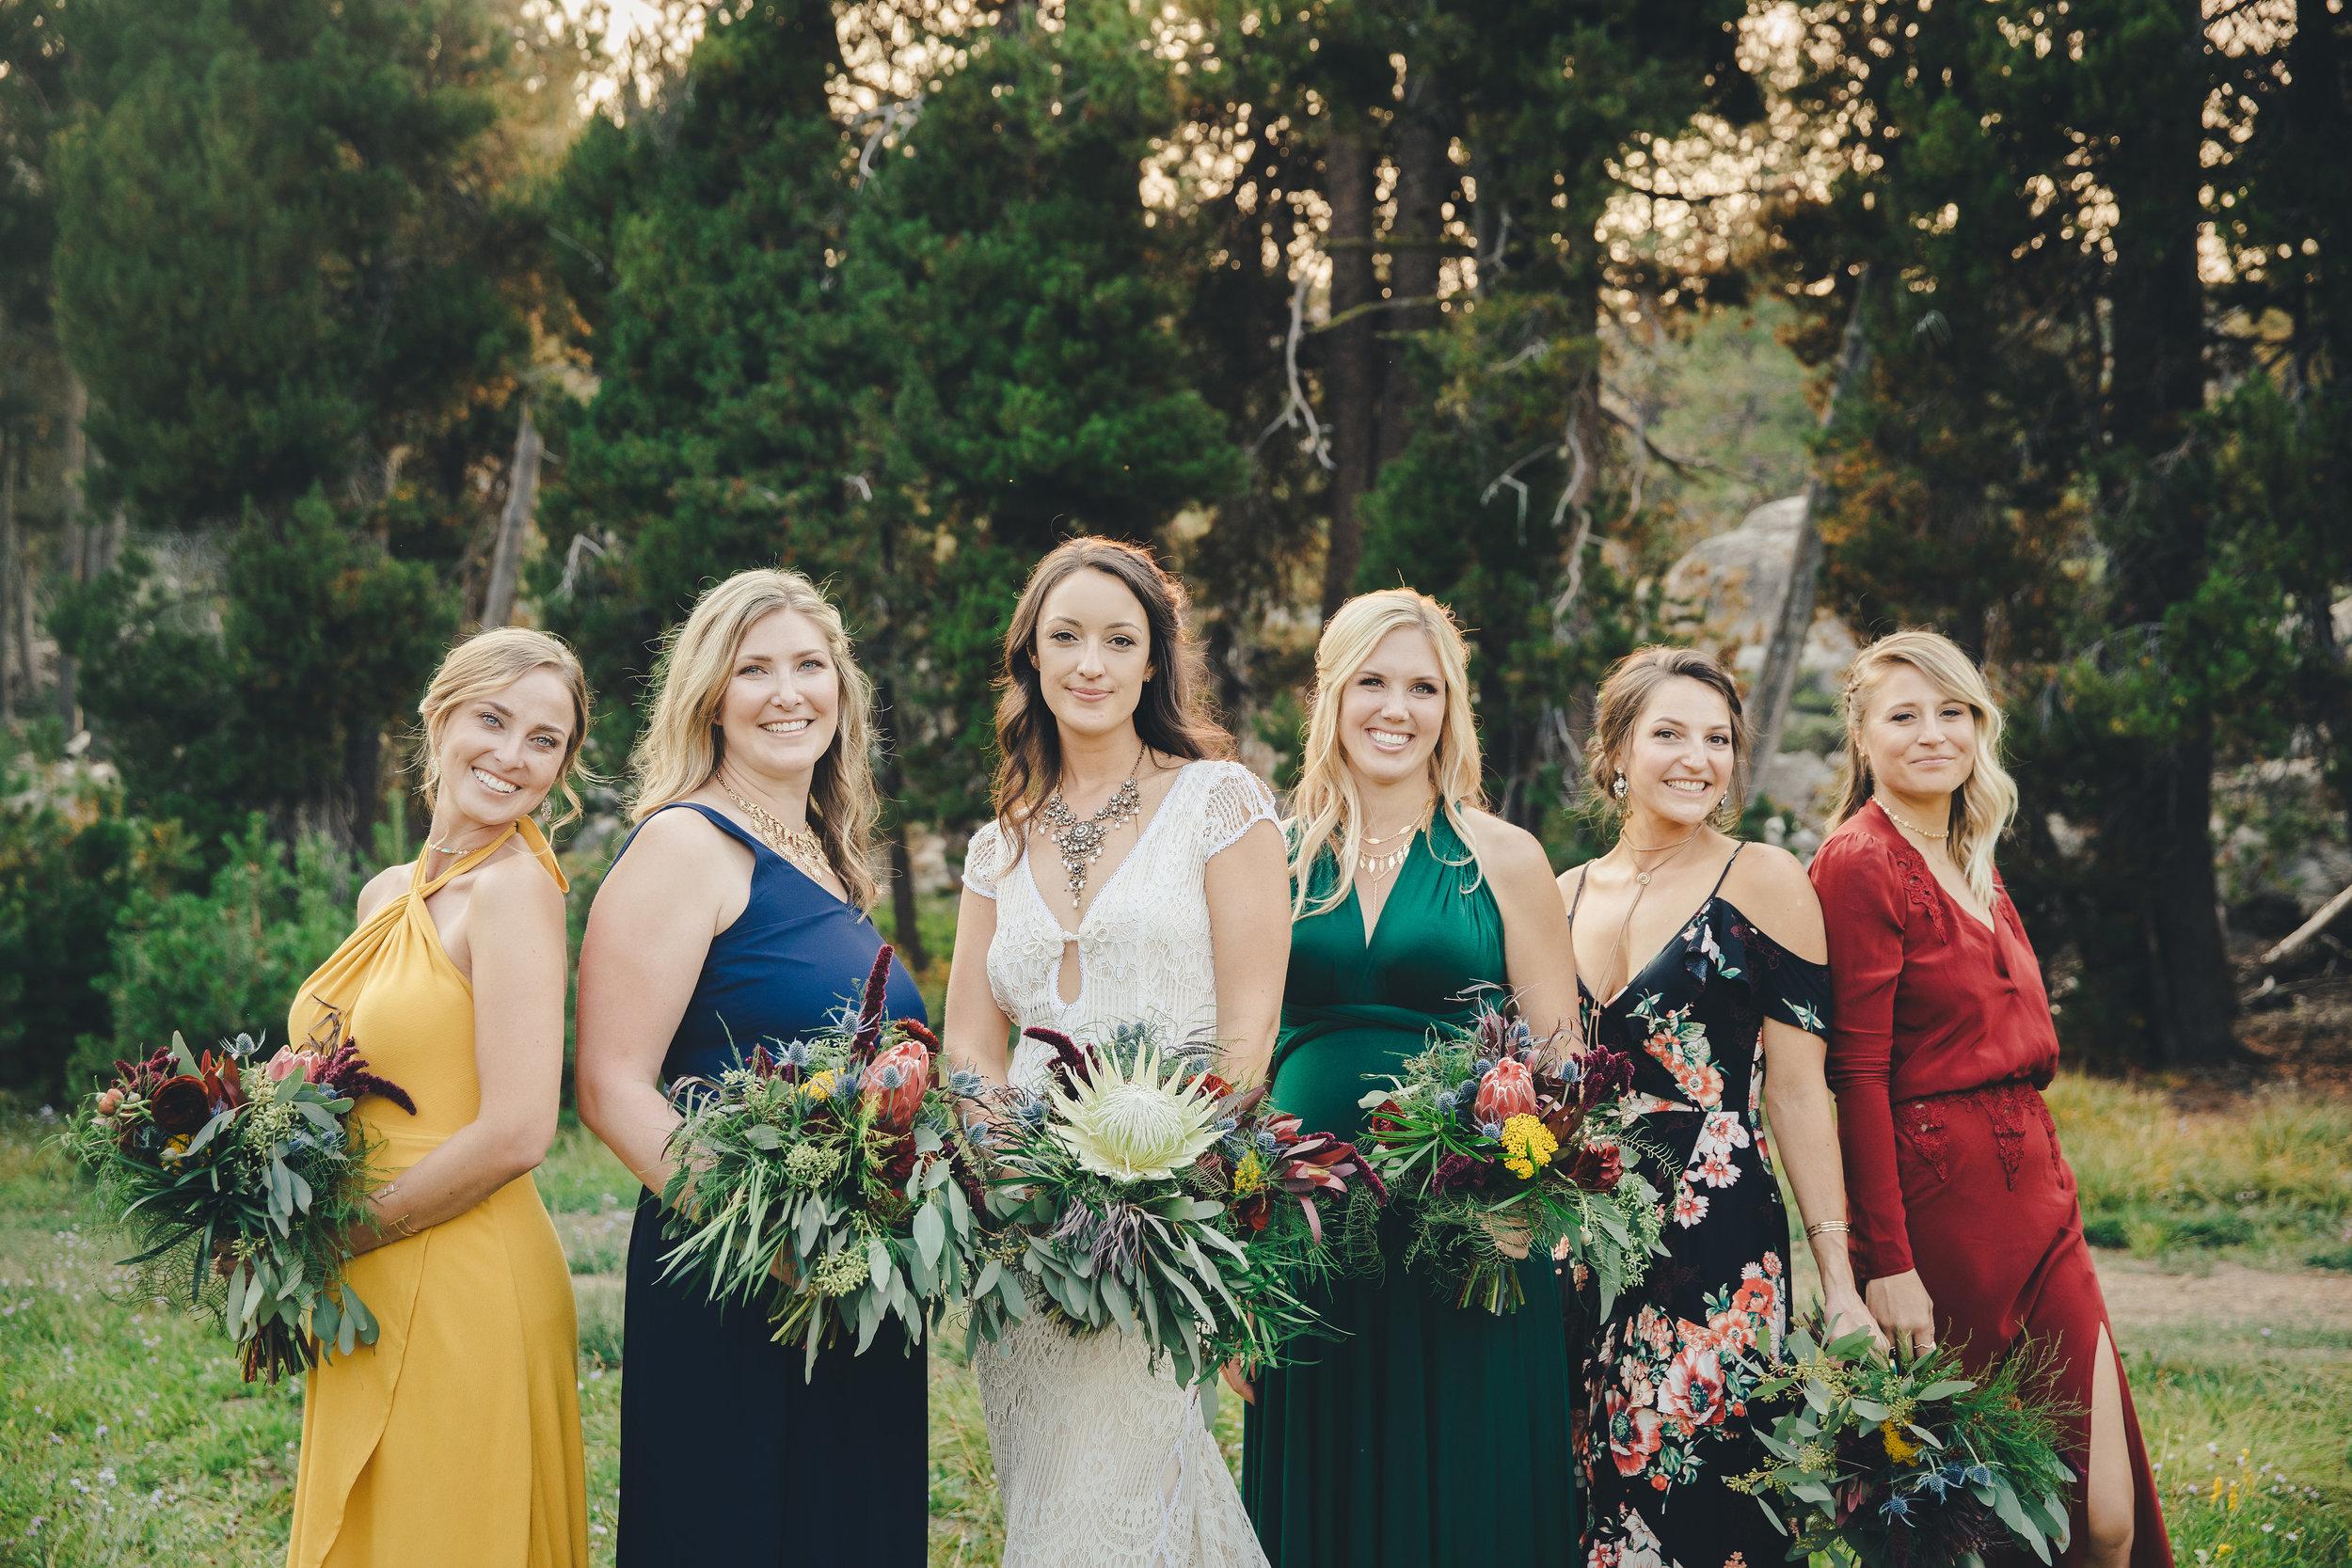 wedding bridal party bouquets flowers florist floral design san francisco oakland